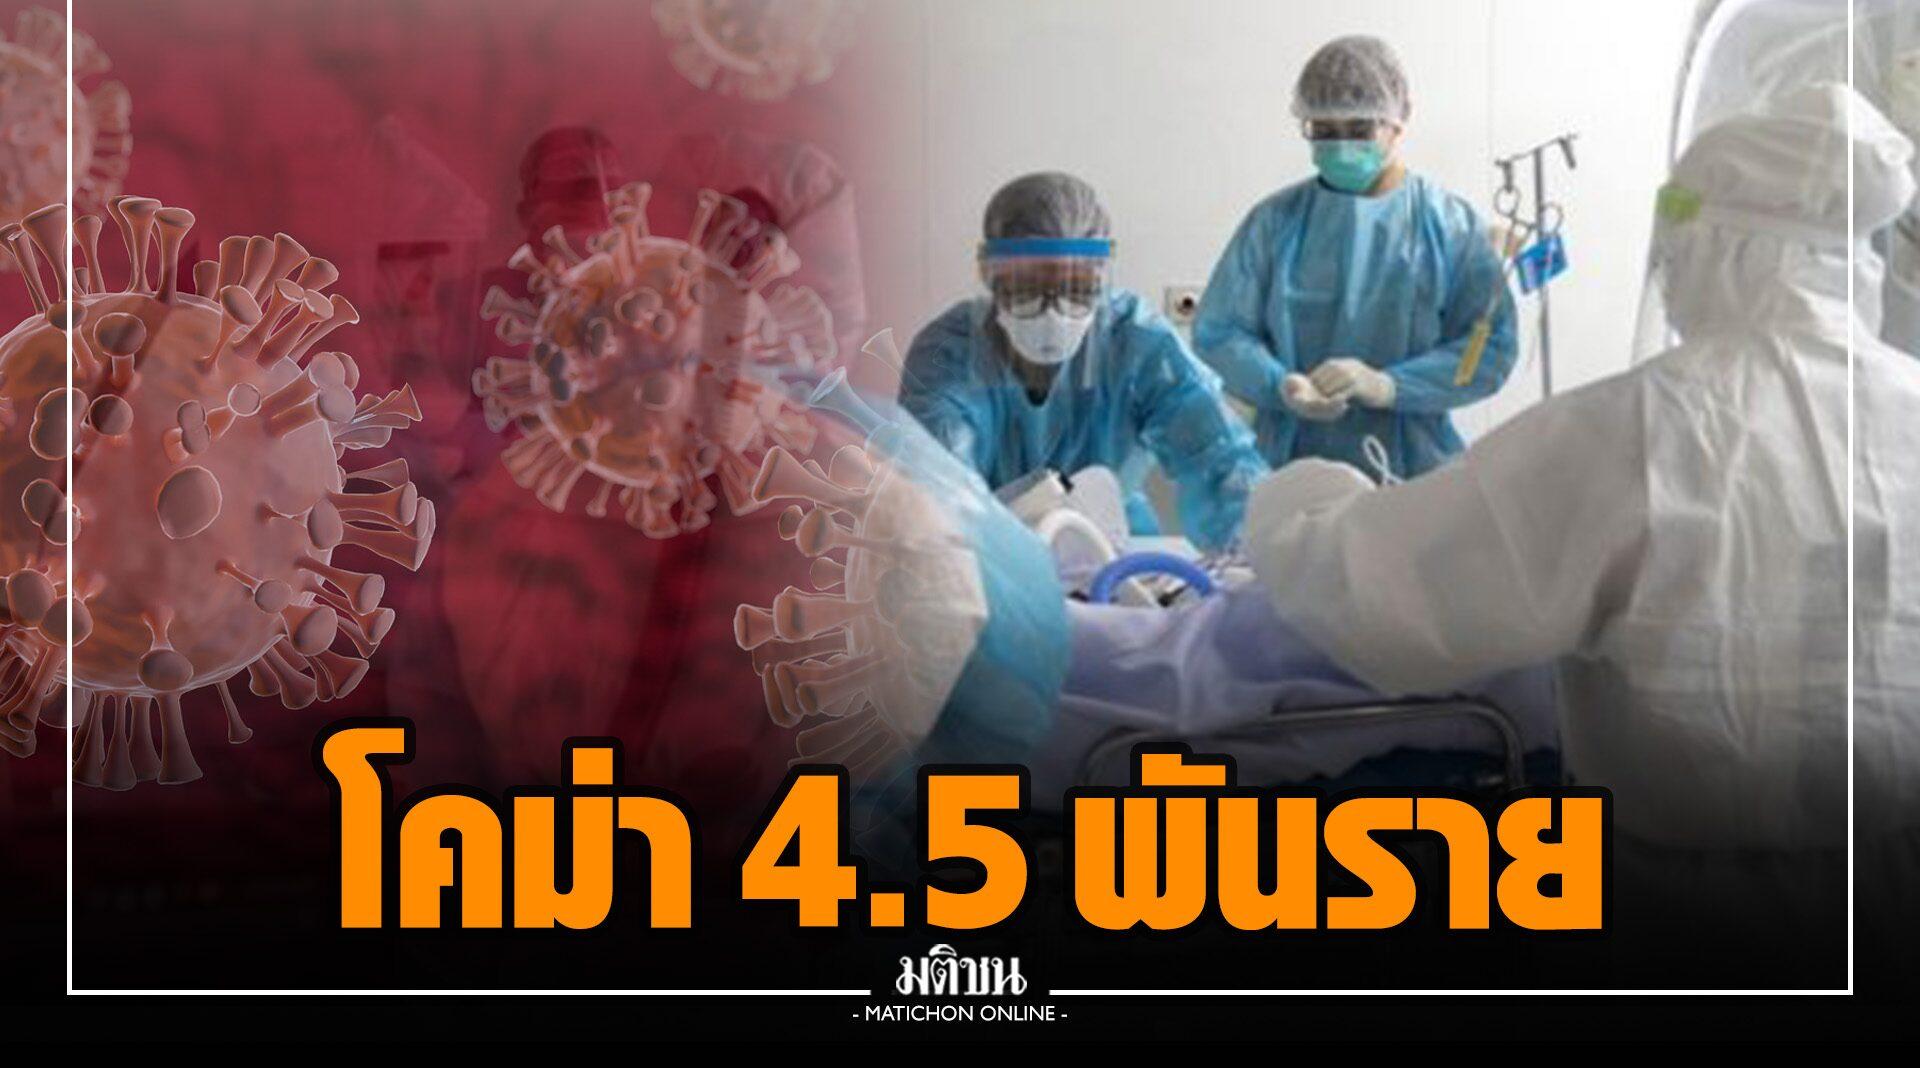 'โควิด' โคม่า 4.5 พันราย ใส่เครื่องช่วยหายใจพันราย เสียชีวิตในบ้านพุ่ง พบ 'บุคลากรการแพทย์' ดับ 2 ราย